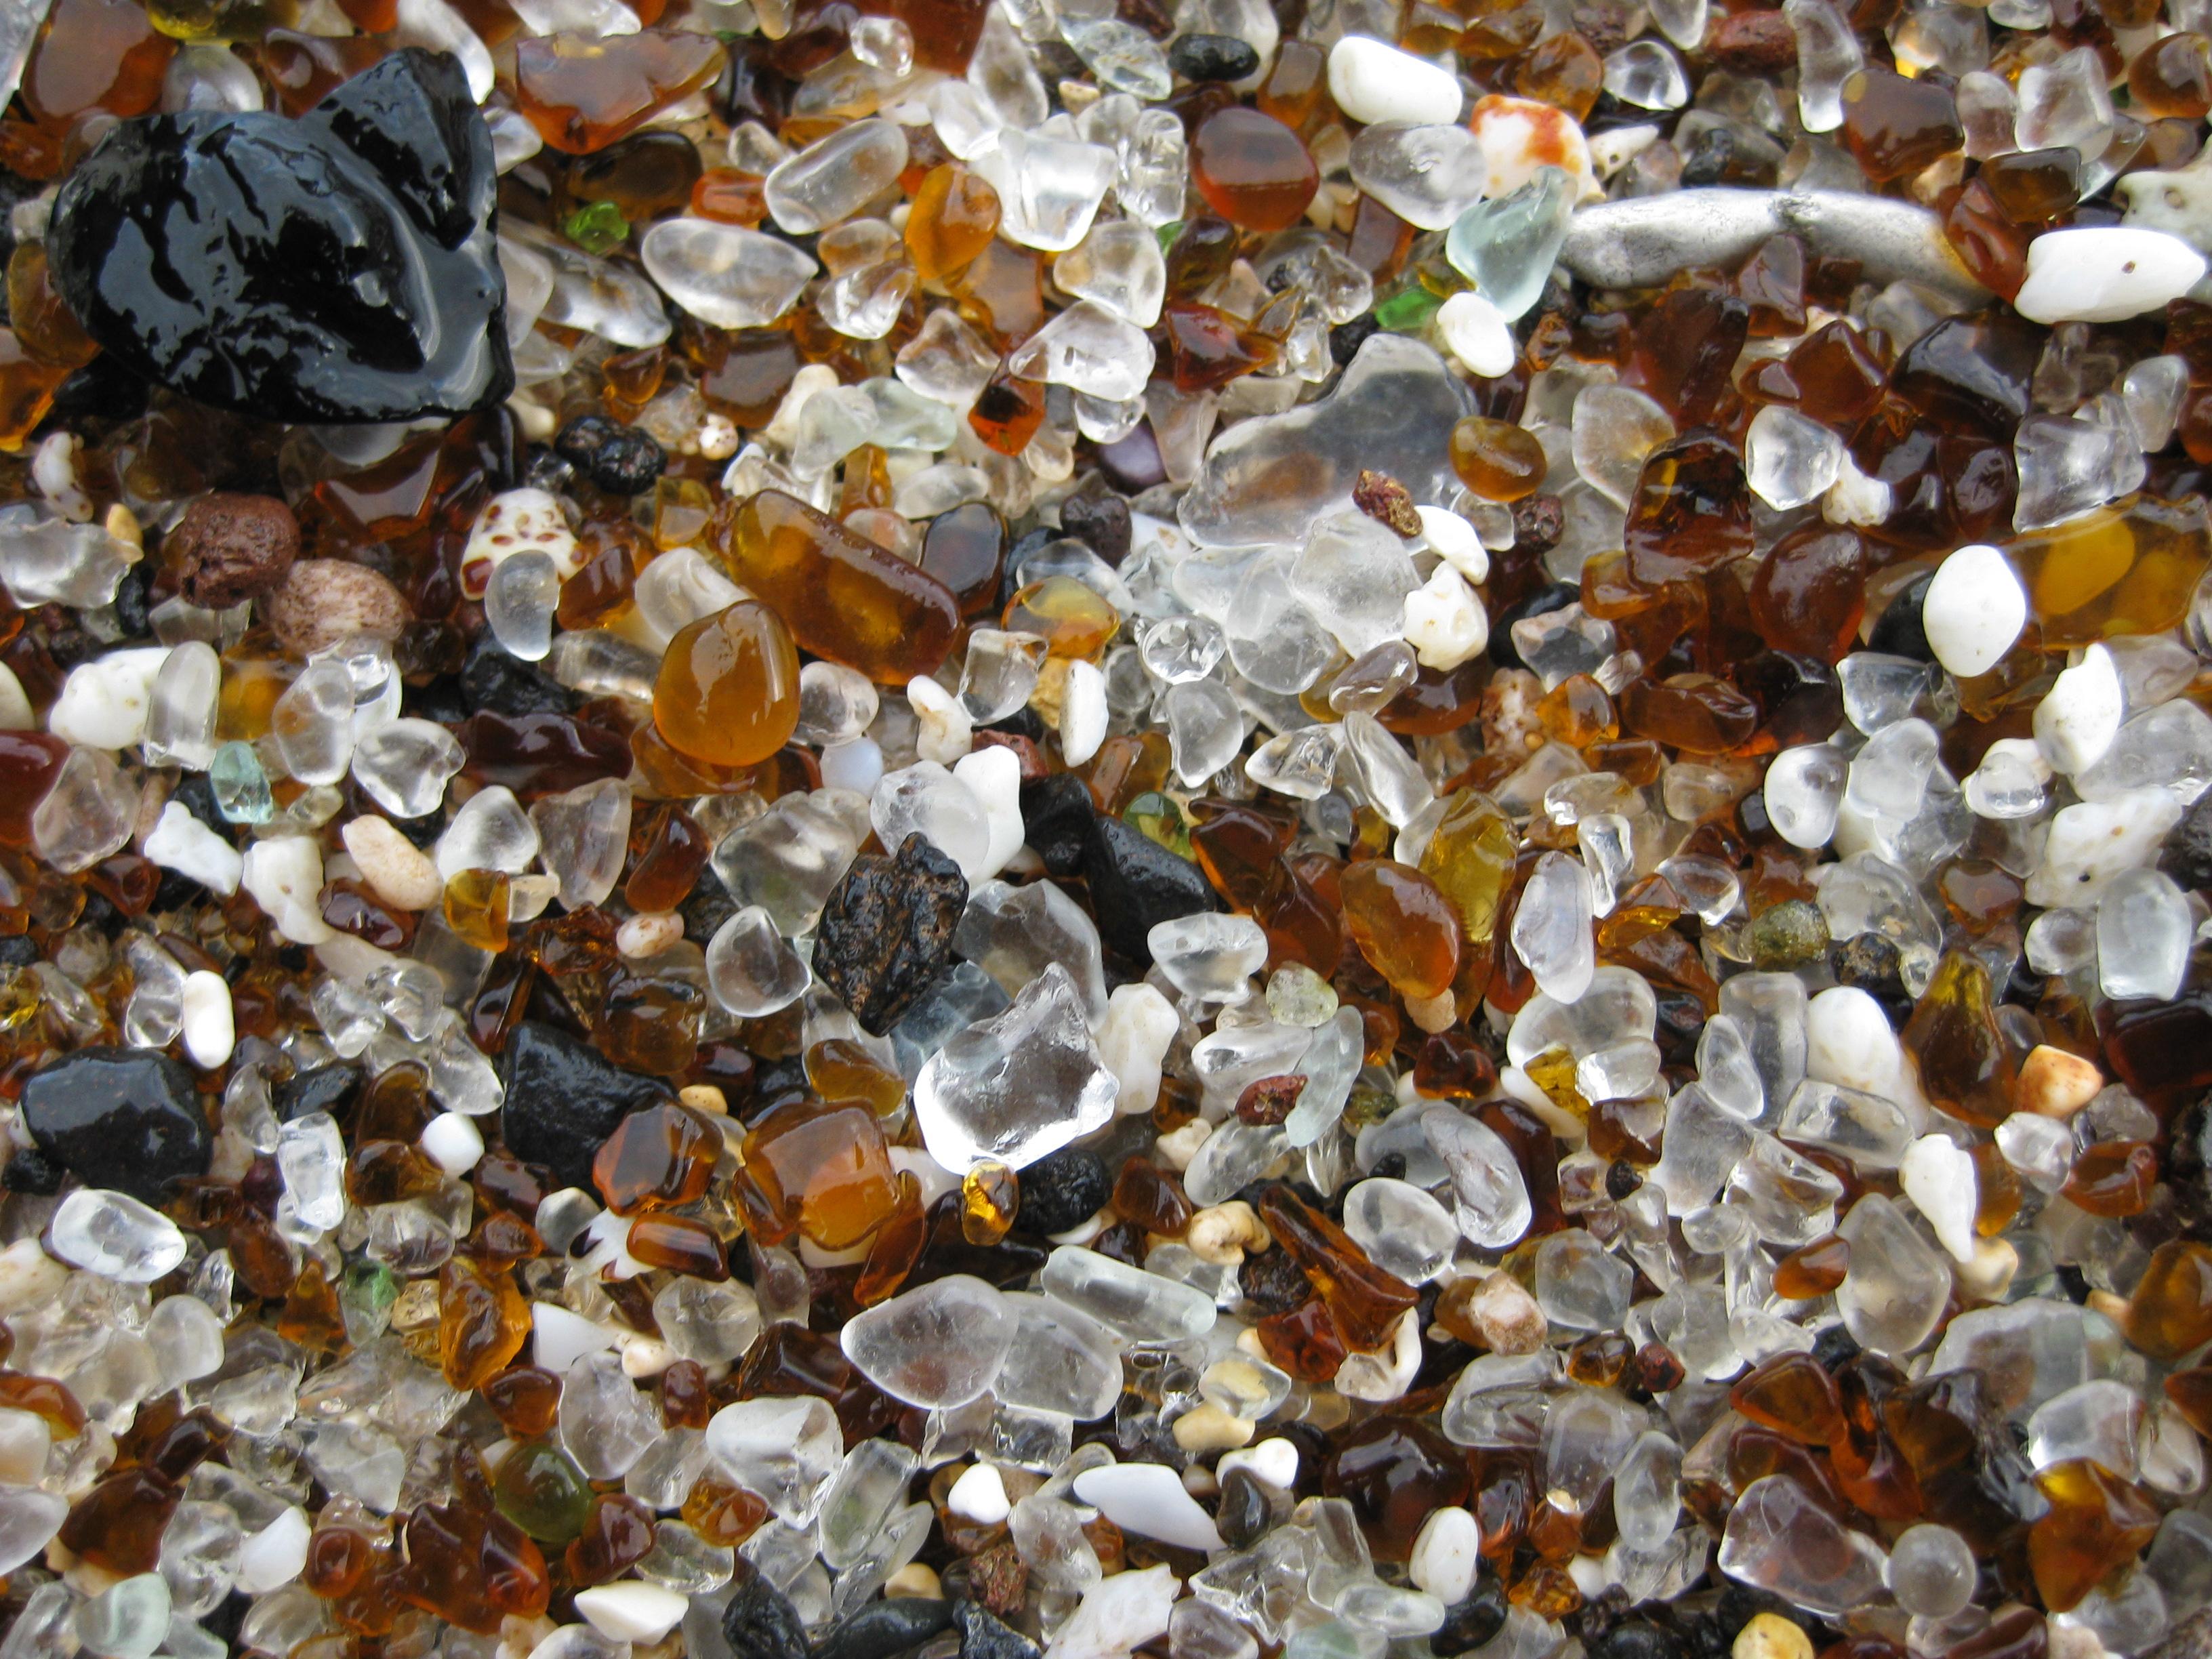 Glass Beach și motivul ascuns al farmecului ei